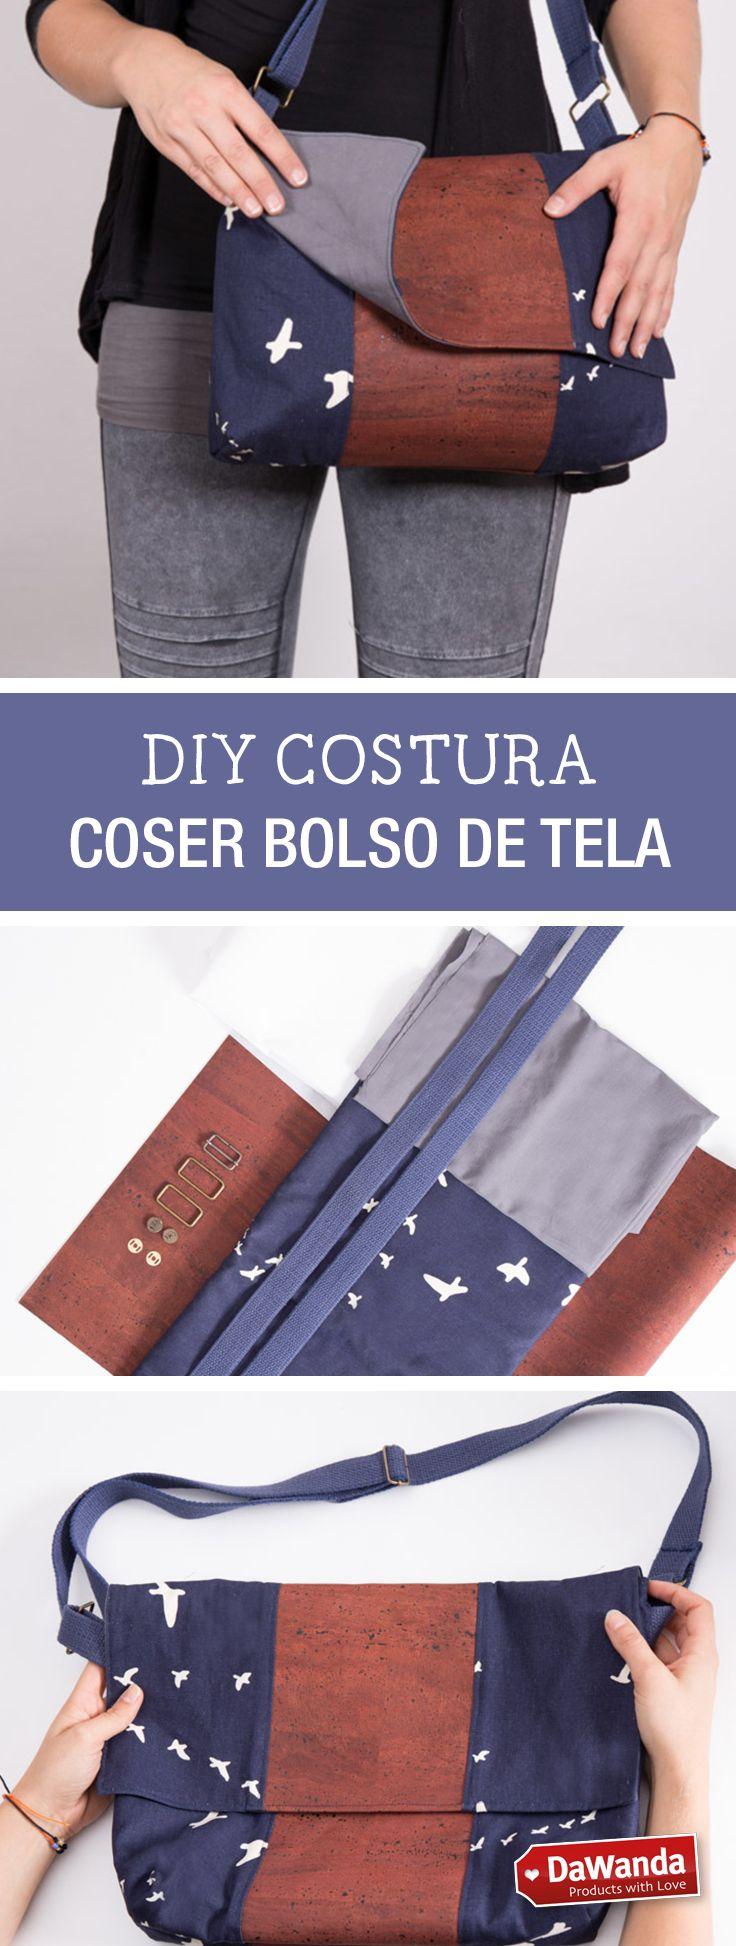 Tutorial DIY - CÓMO HACER UNA CARTERA CON DETALLES DE CORCHO en DaWanda.es